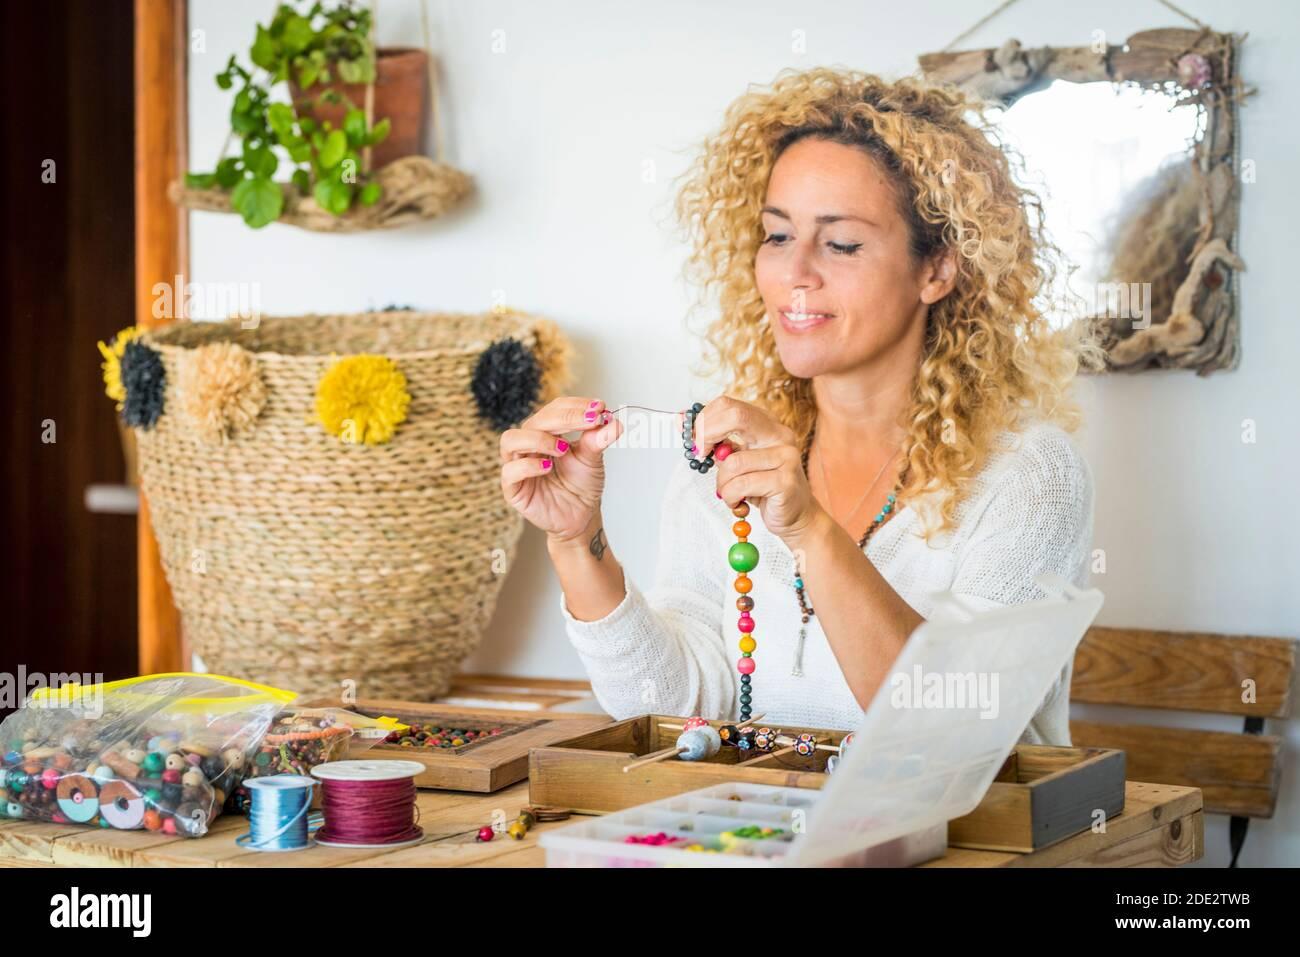 Femme joyeuse à la maison faisant des bracelets et colliers avec coloré perles - hobby art travail les gens le font soi-même concept - travail d'art pour les affaires en ligne Banque D'Images